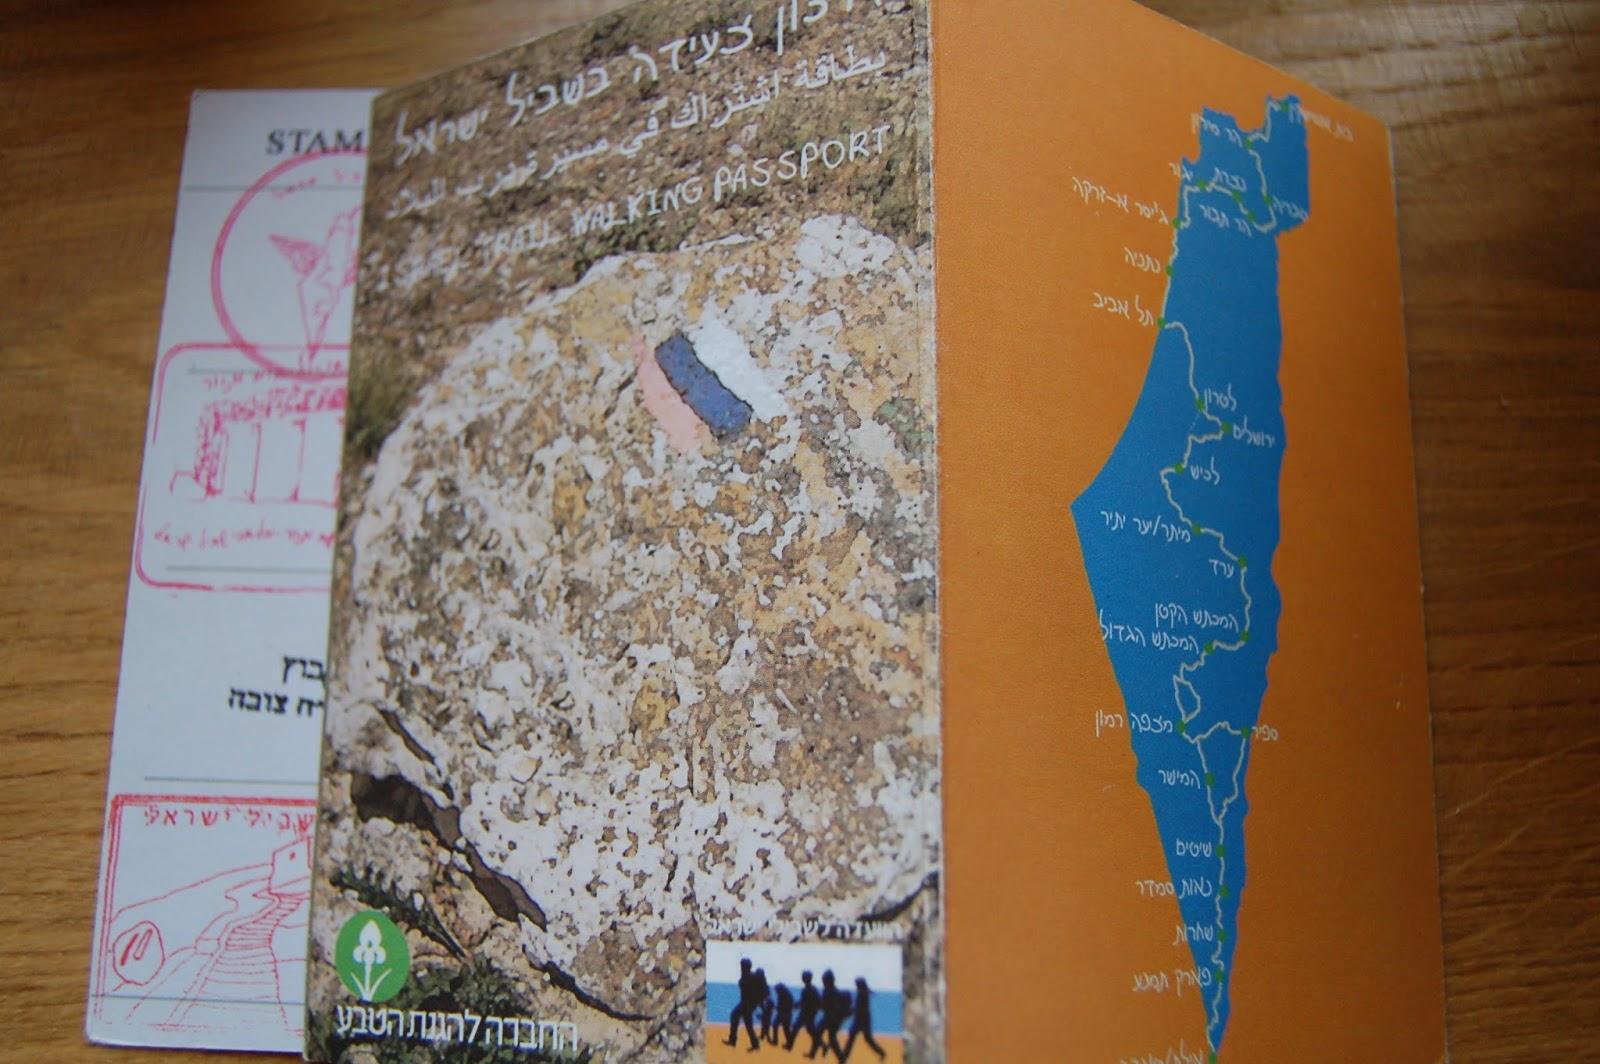 Israel Trail Walking Passport czyli PIECZĄTKI OZDOBNE i ich zbieranie na szlaku IZRAEL